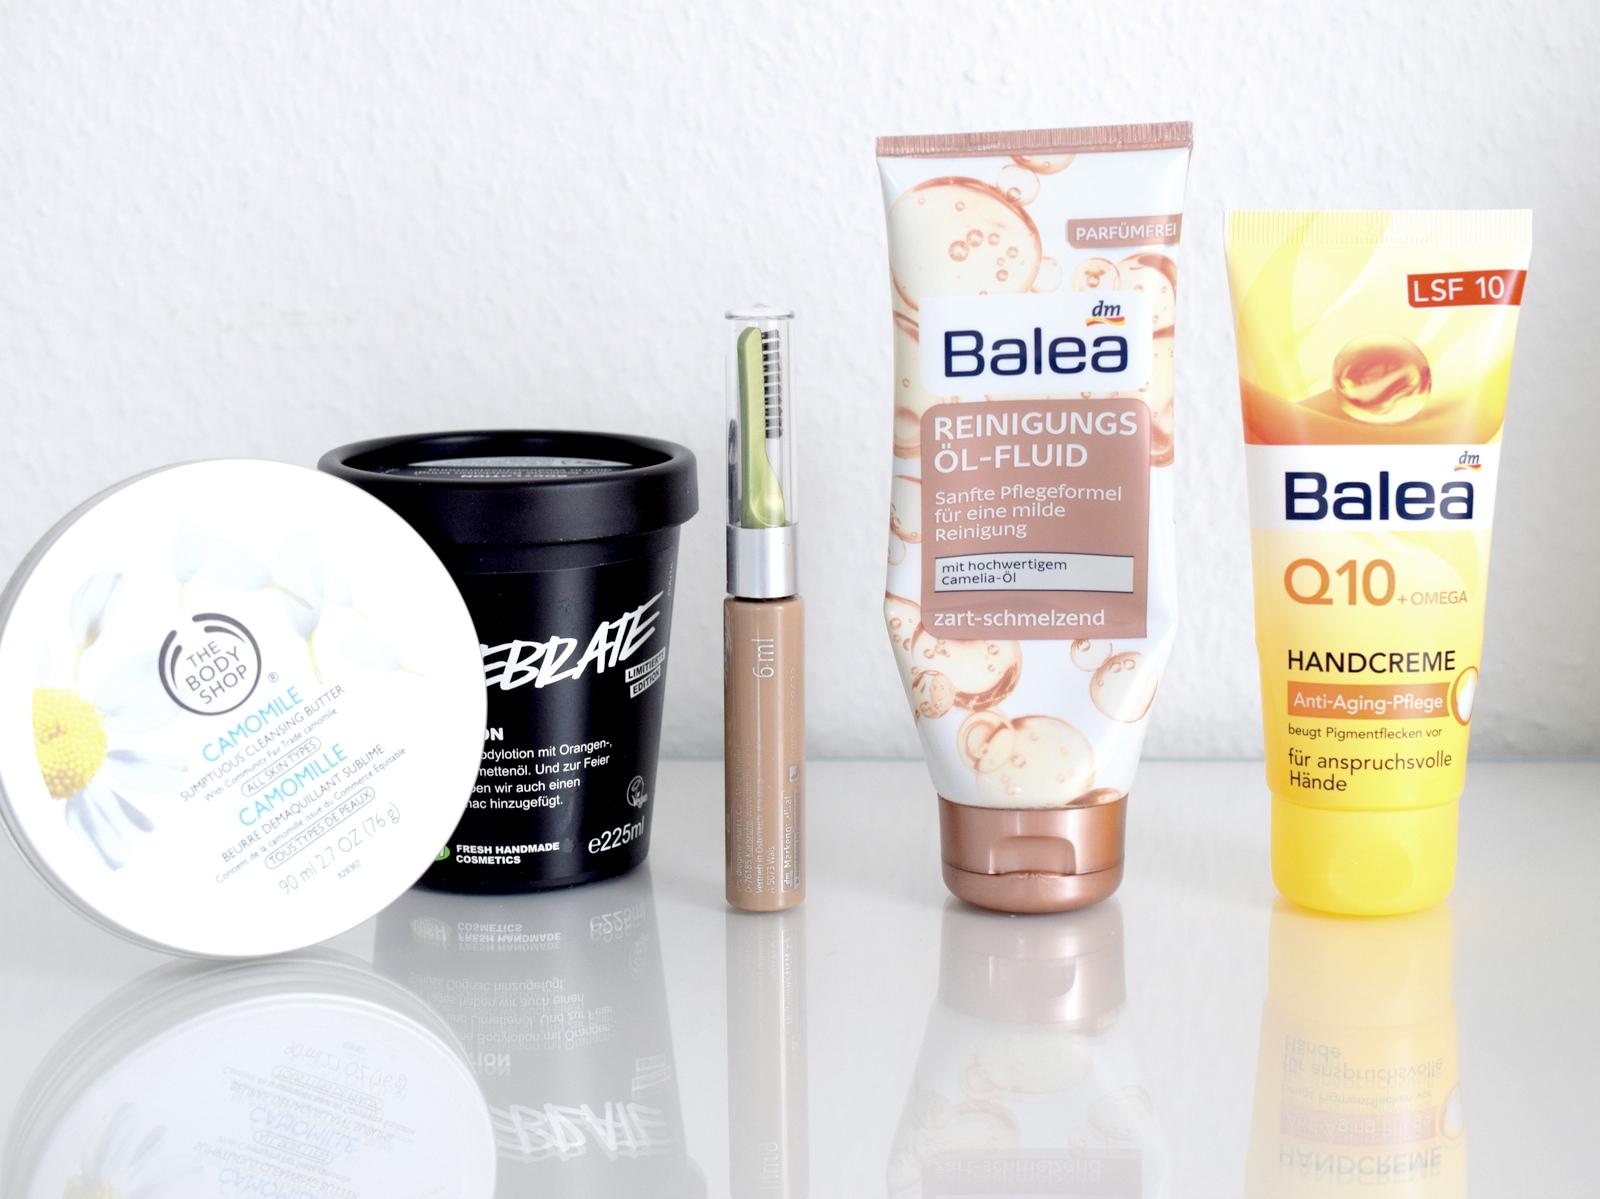 Aufgebraucht Blog Posts über aufgebrauchte Kosmetik Produkte langweilig oder interessant? Leser Umfrage bei der Montagsfrage auf Beautyblog und Mamablog I need sunshine.